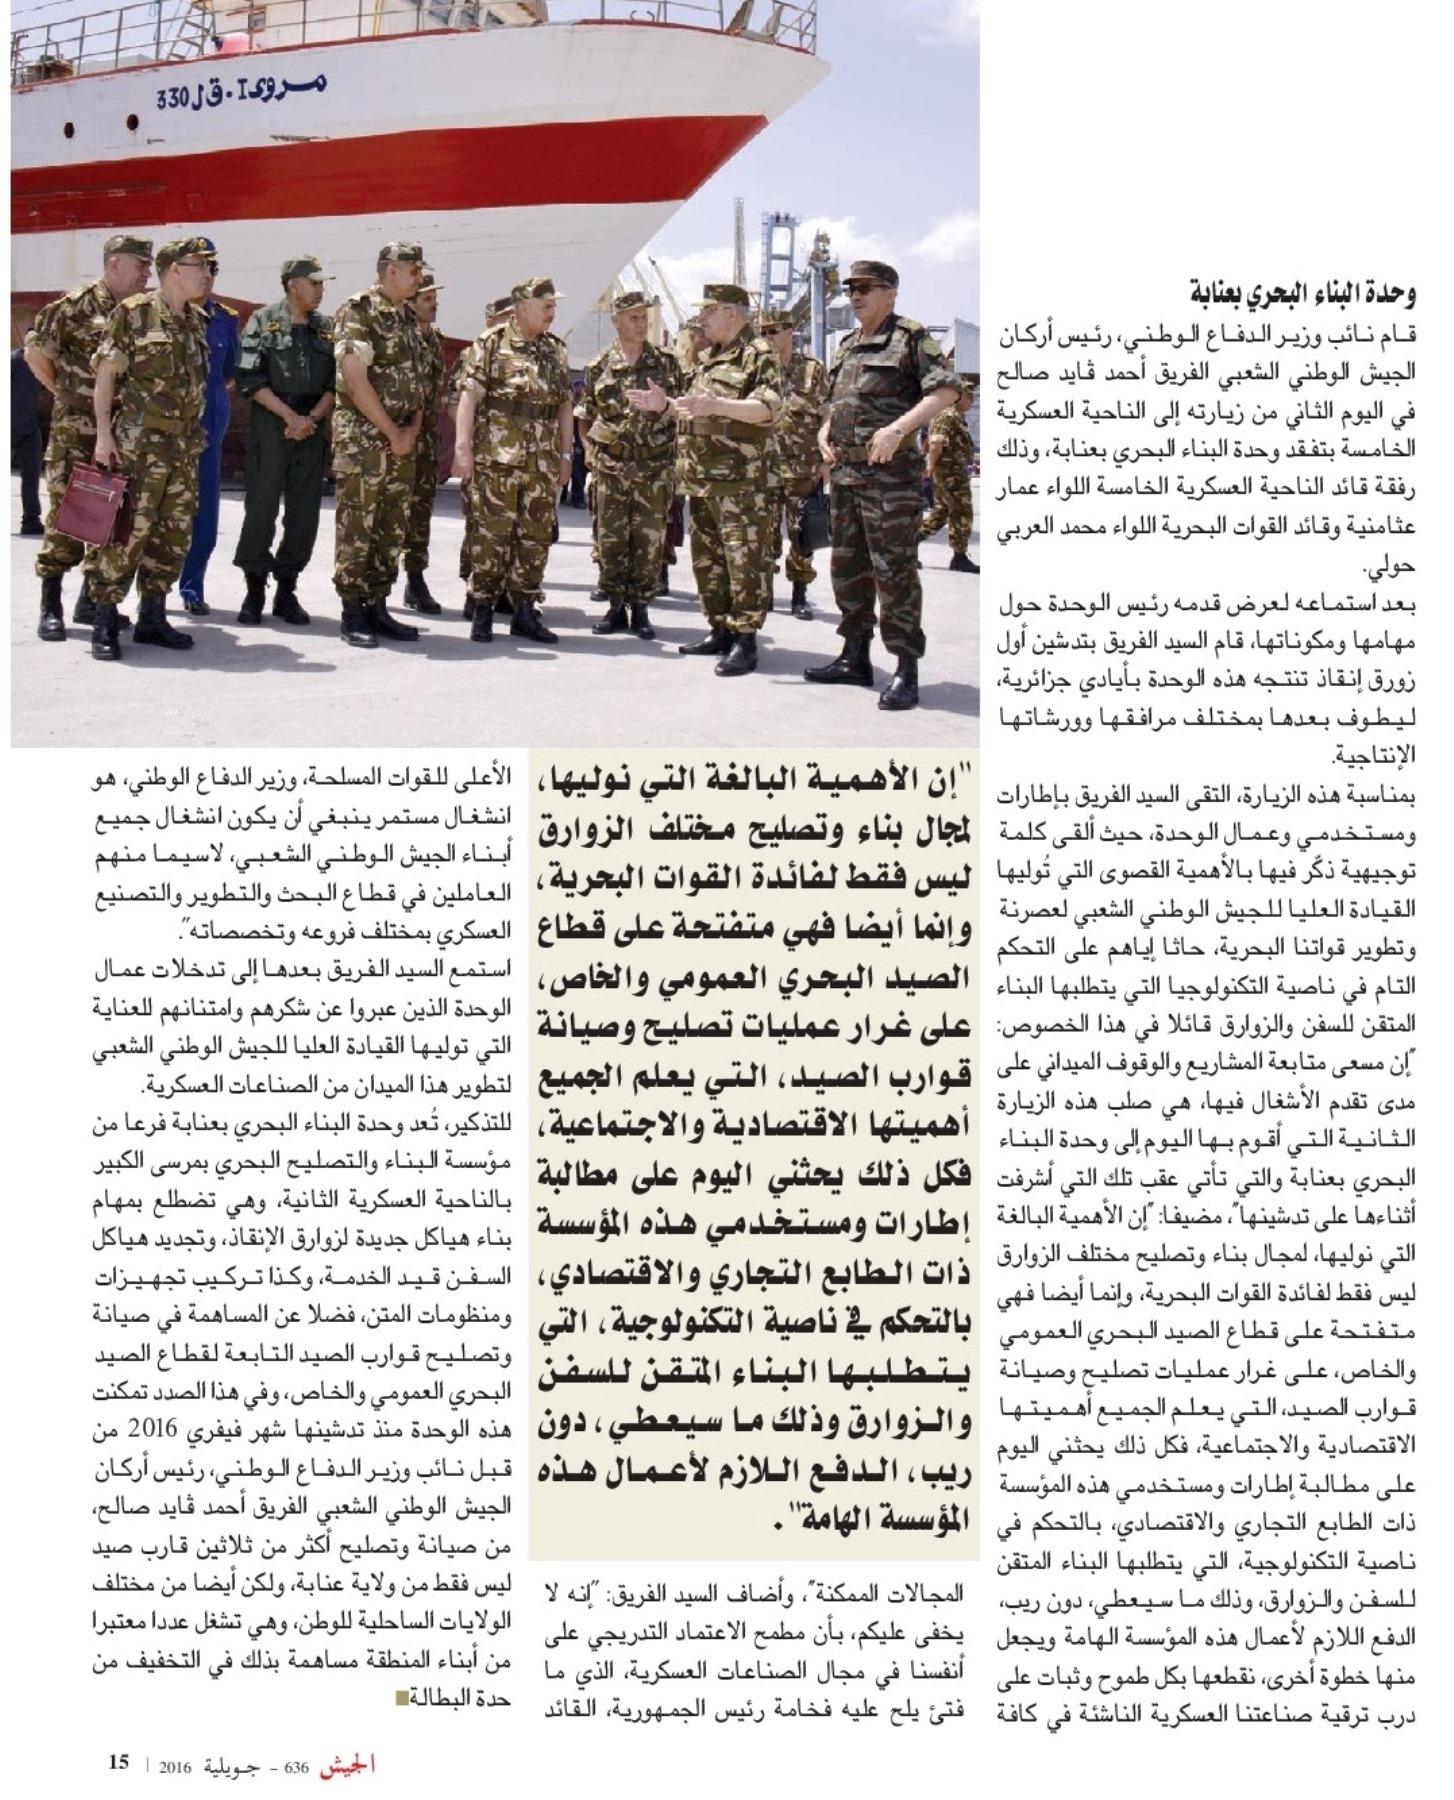 الصناعة البحرية العسكرية الجزائرية [ زوارق ] 28314657476_7d7cb654b1_o